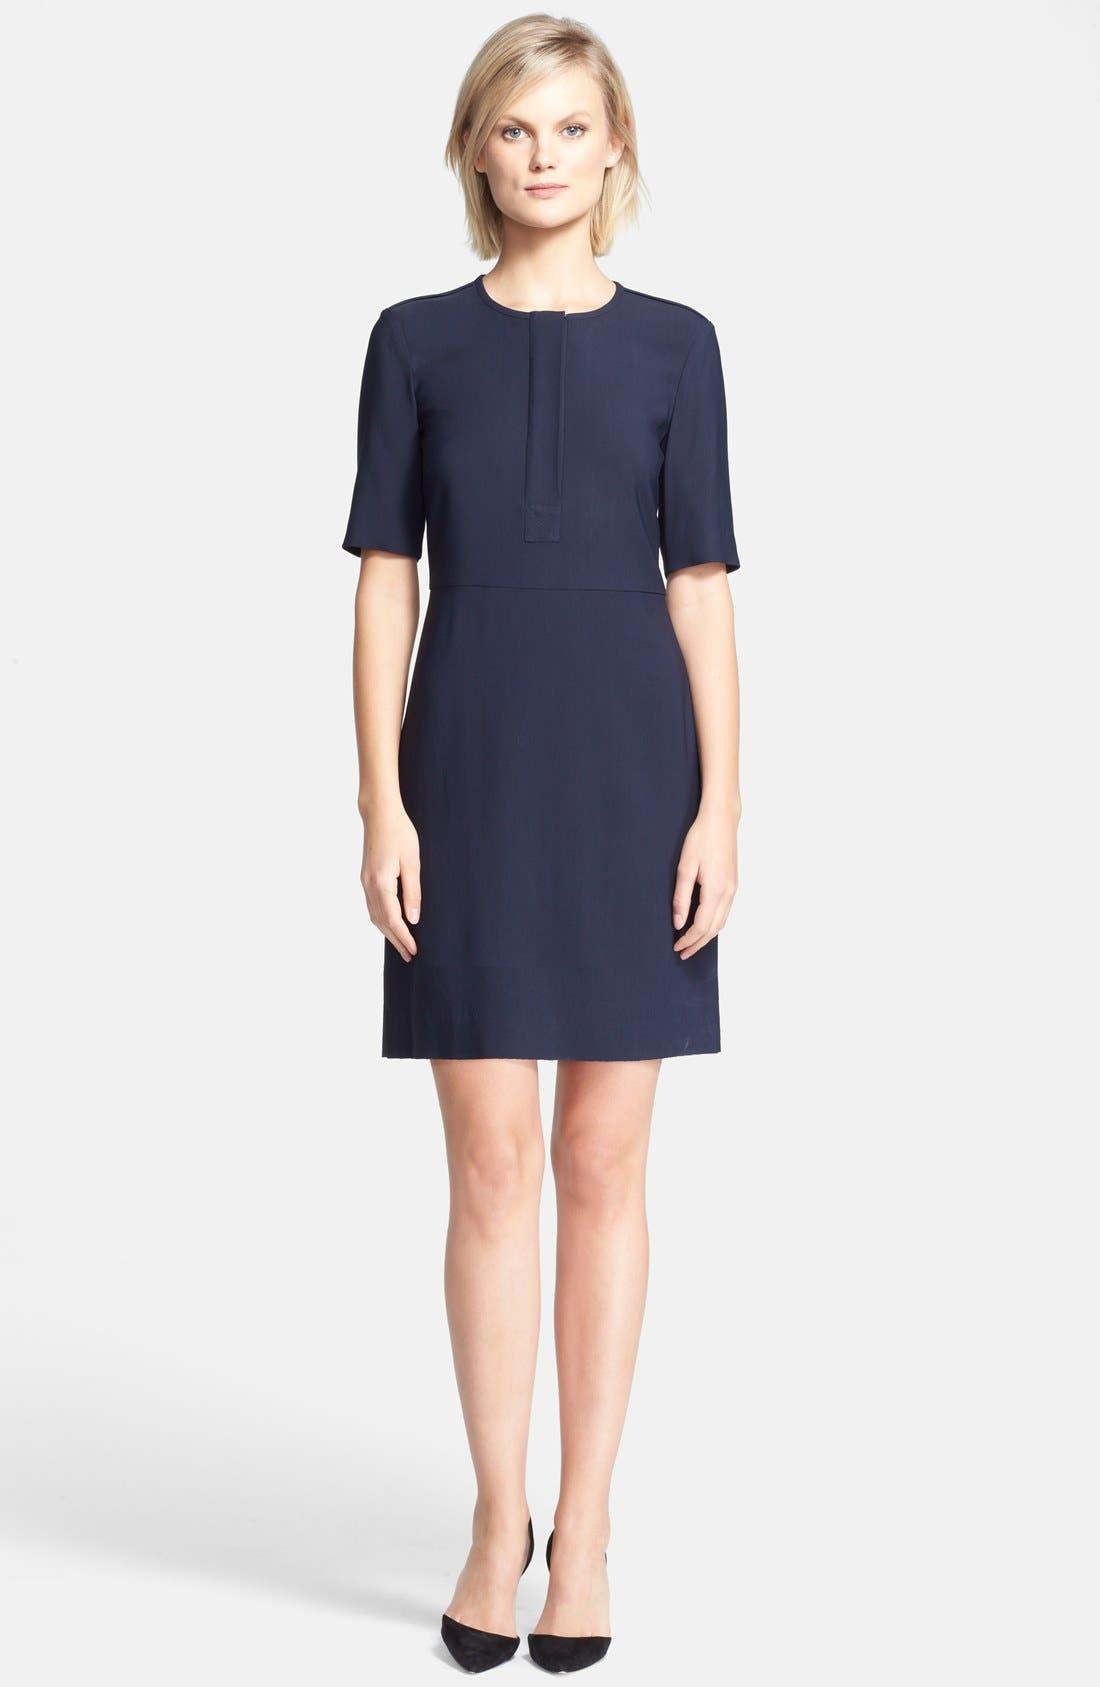 THEORY 'Slyra' Quarter Zip A-Line Dress, Main, color, 410